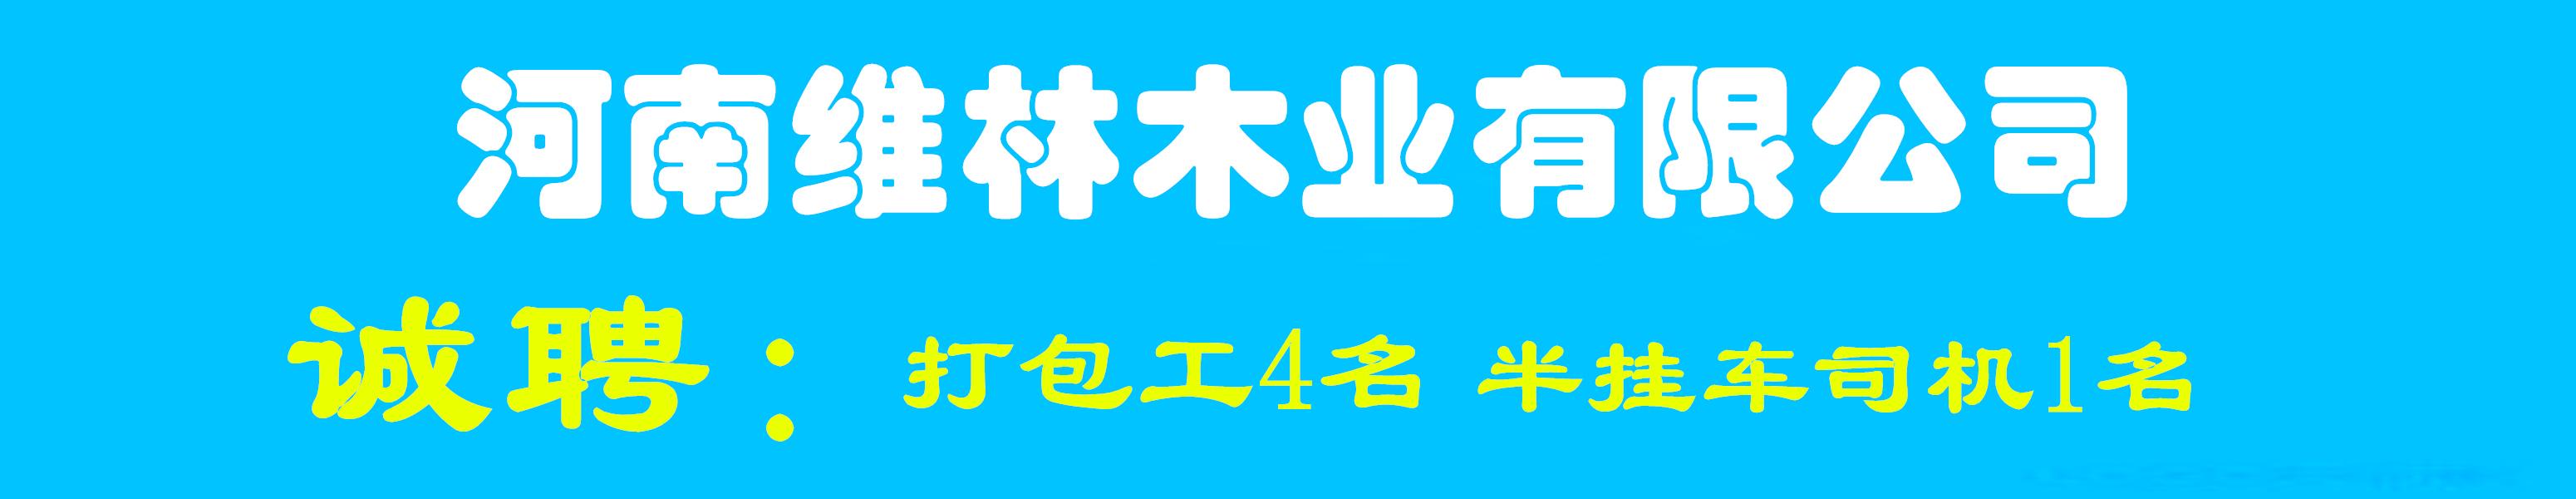 河南维林木业有限公司